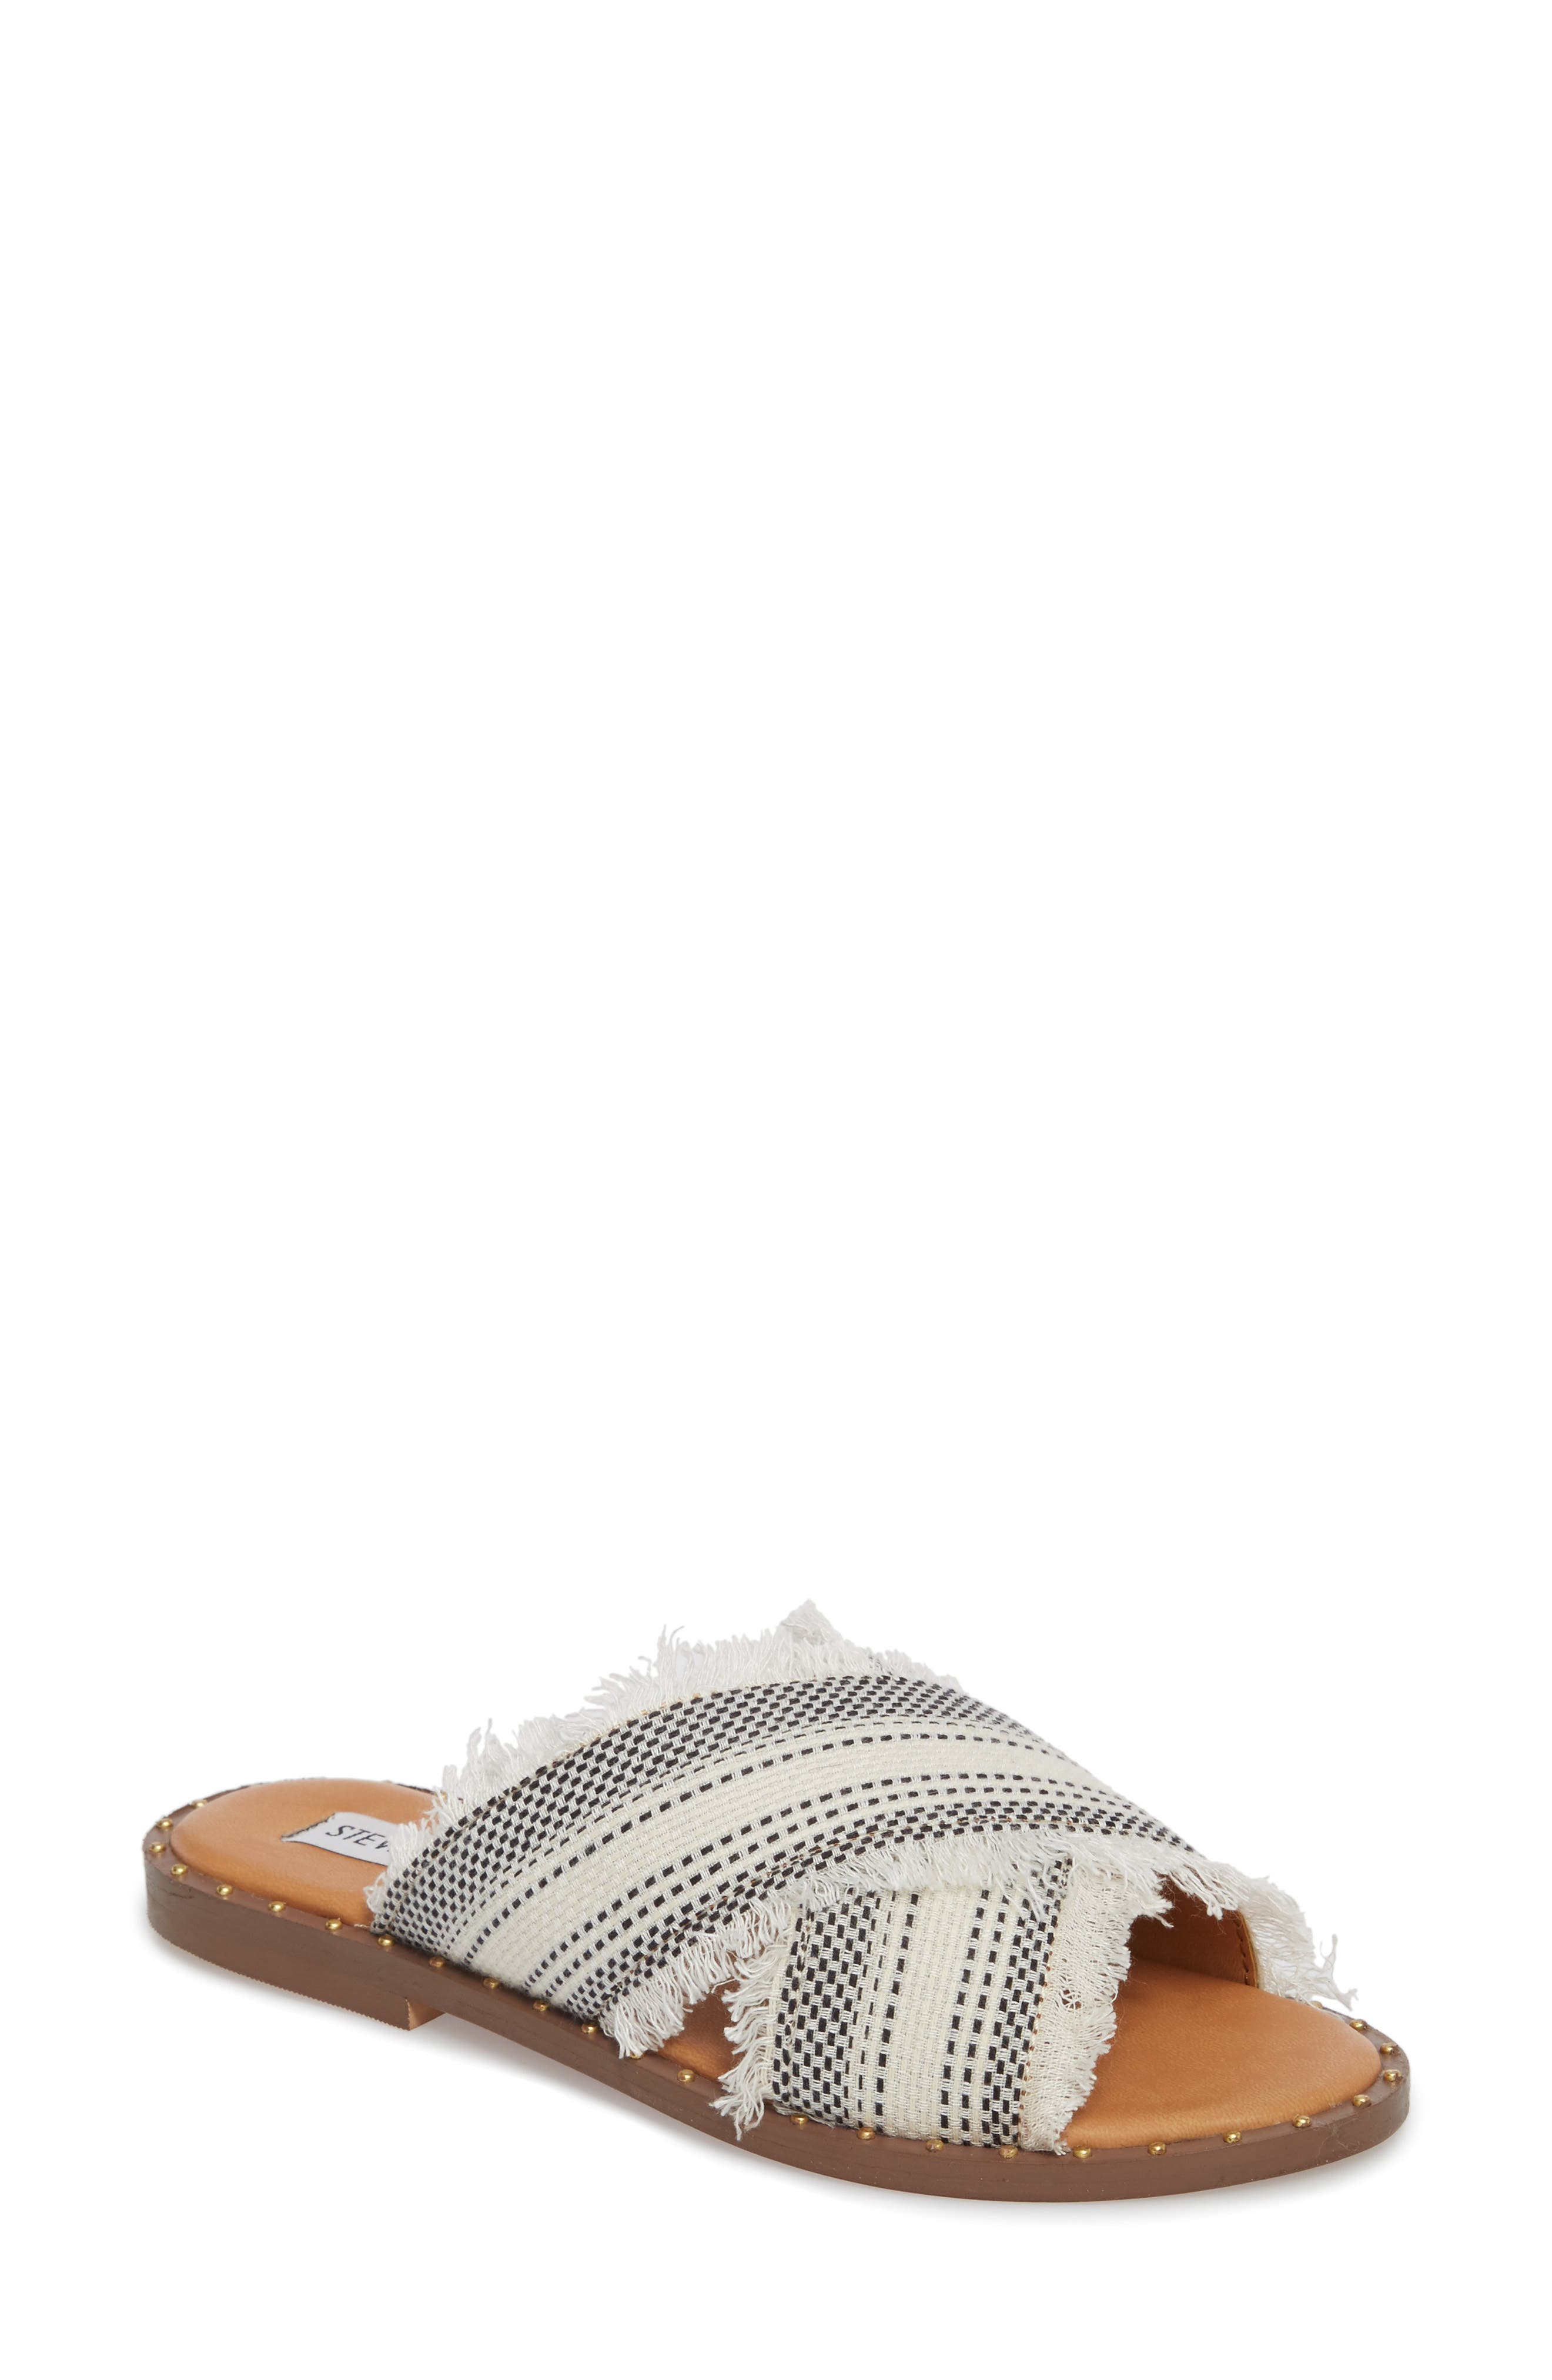 Riva Slide Sandal,                         Main,                         color, White Multi